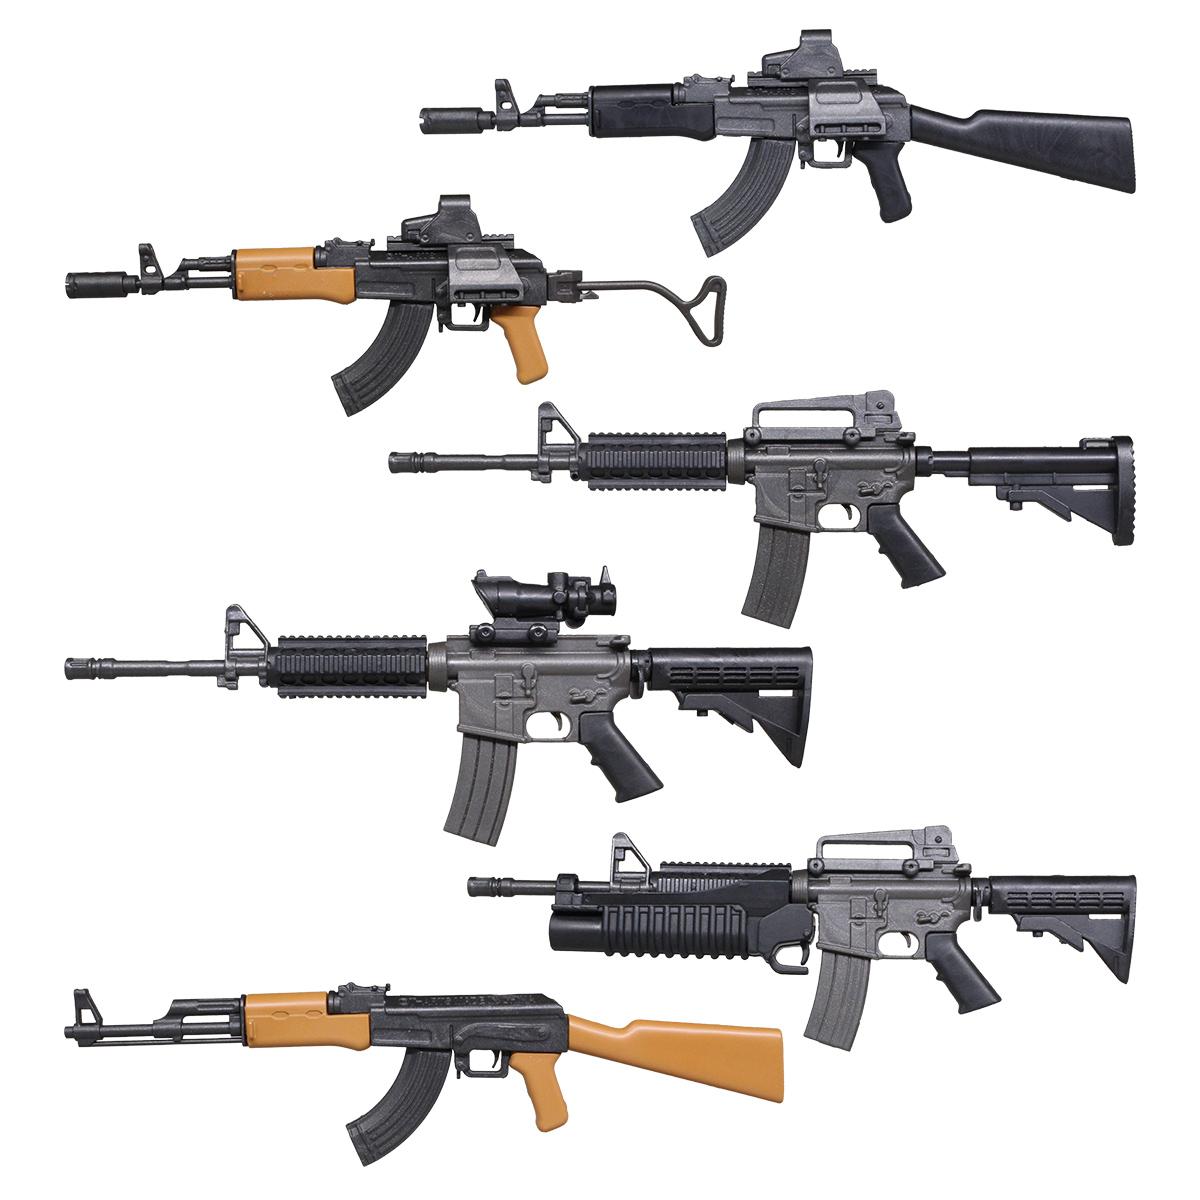 THE 銃  リアルミニ<BR>アサルトカービン&ライフル編